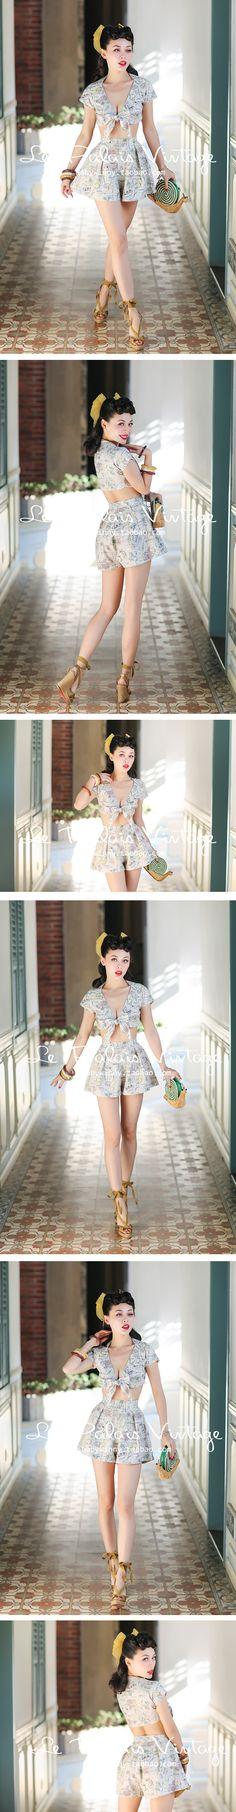 le palais vintage PIN UP经典性感低胸超短上衣+裙裤套装 0.25-淘宝网全球站